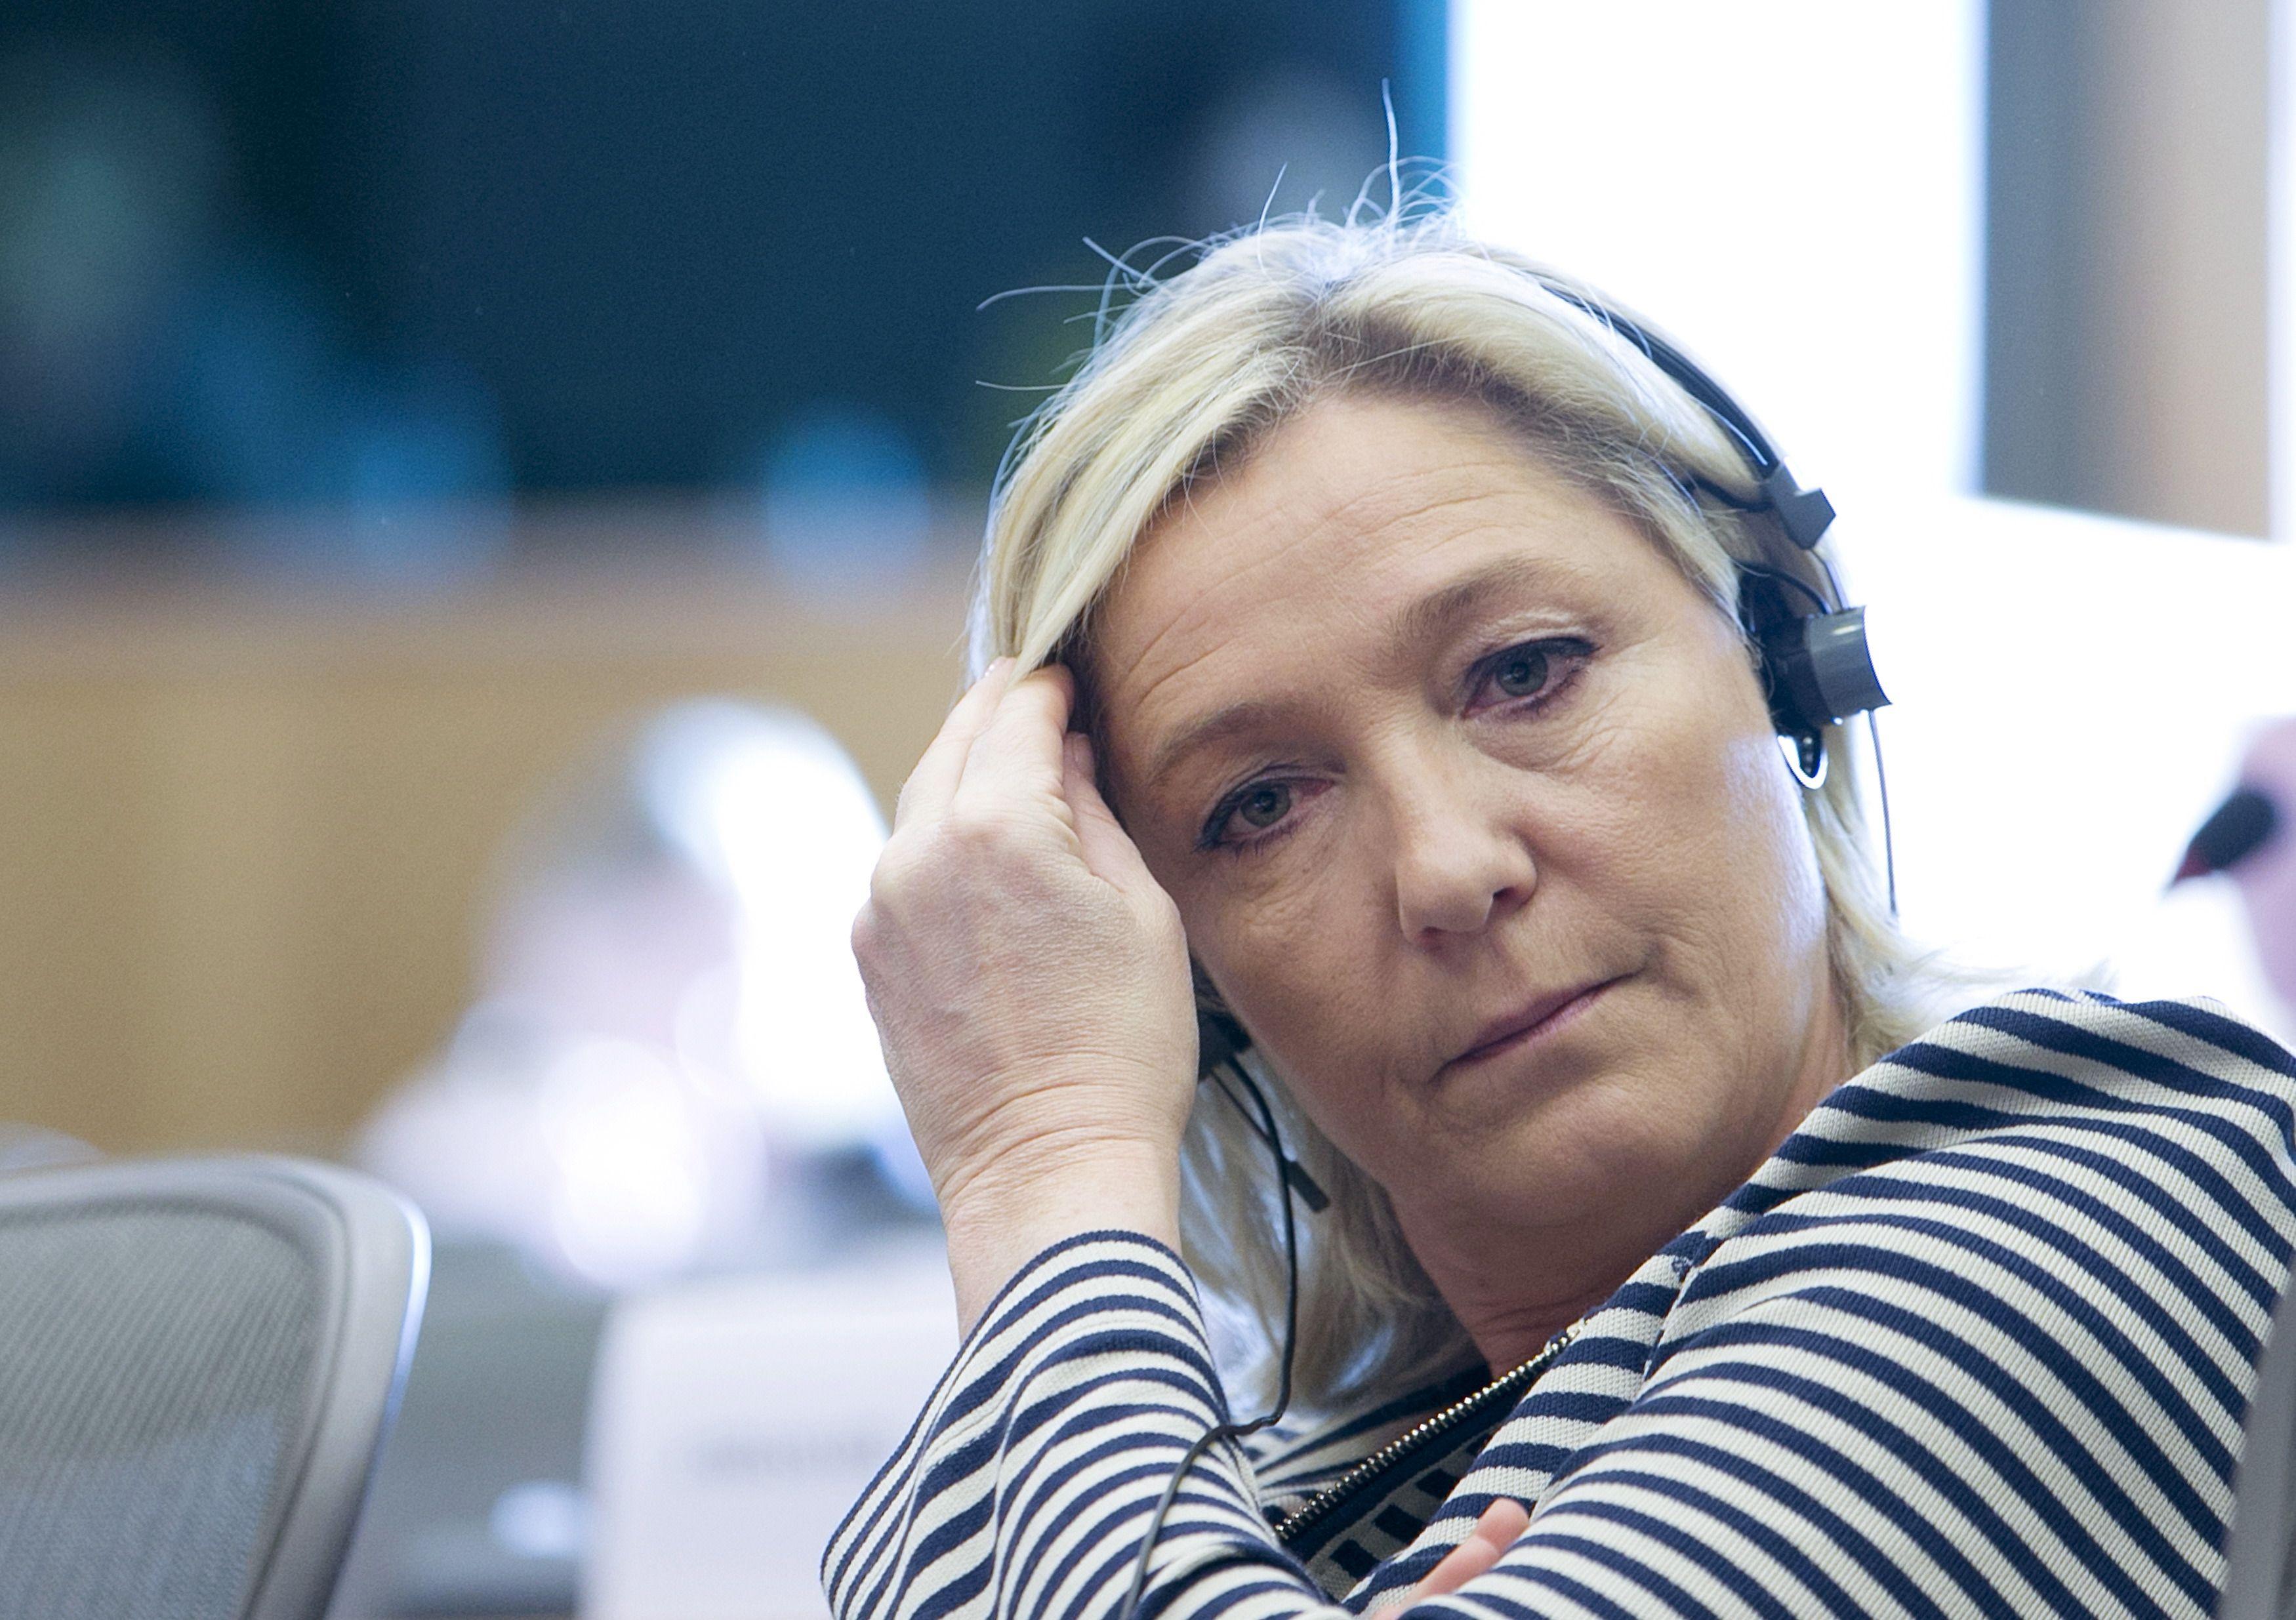 Front national : Marine Le Pen aurait un compte Twitter caché